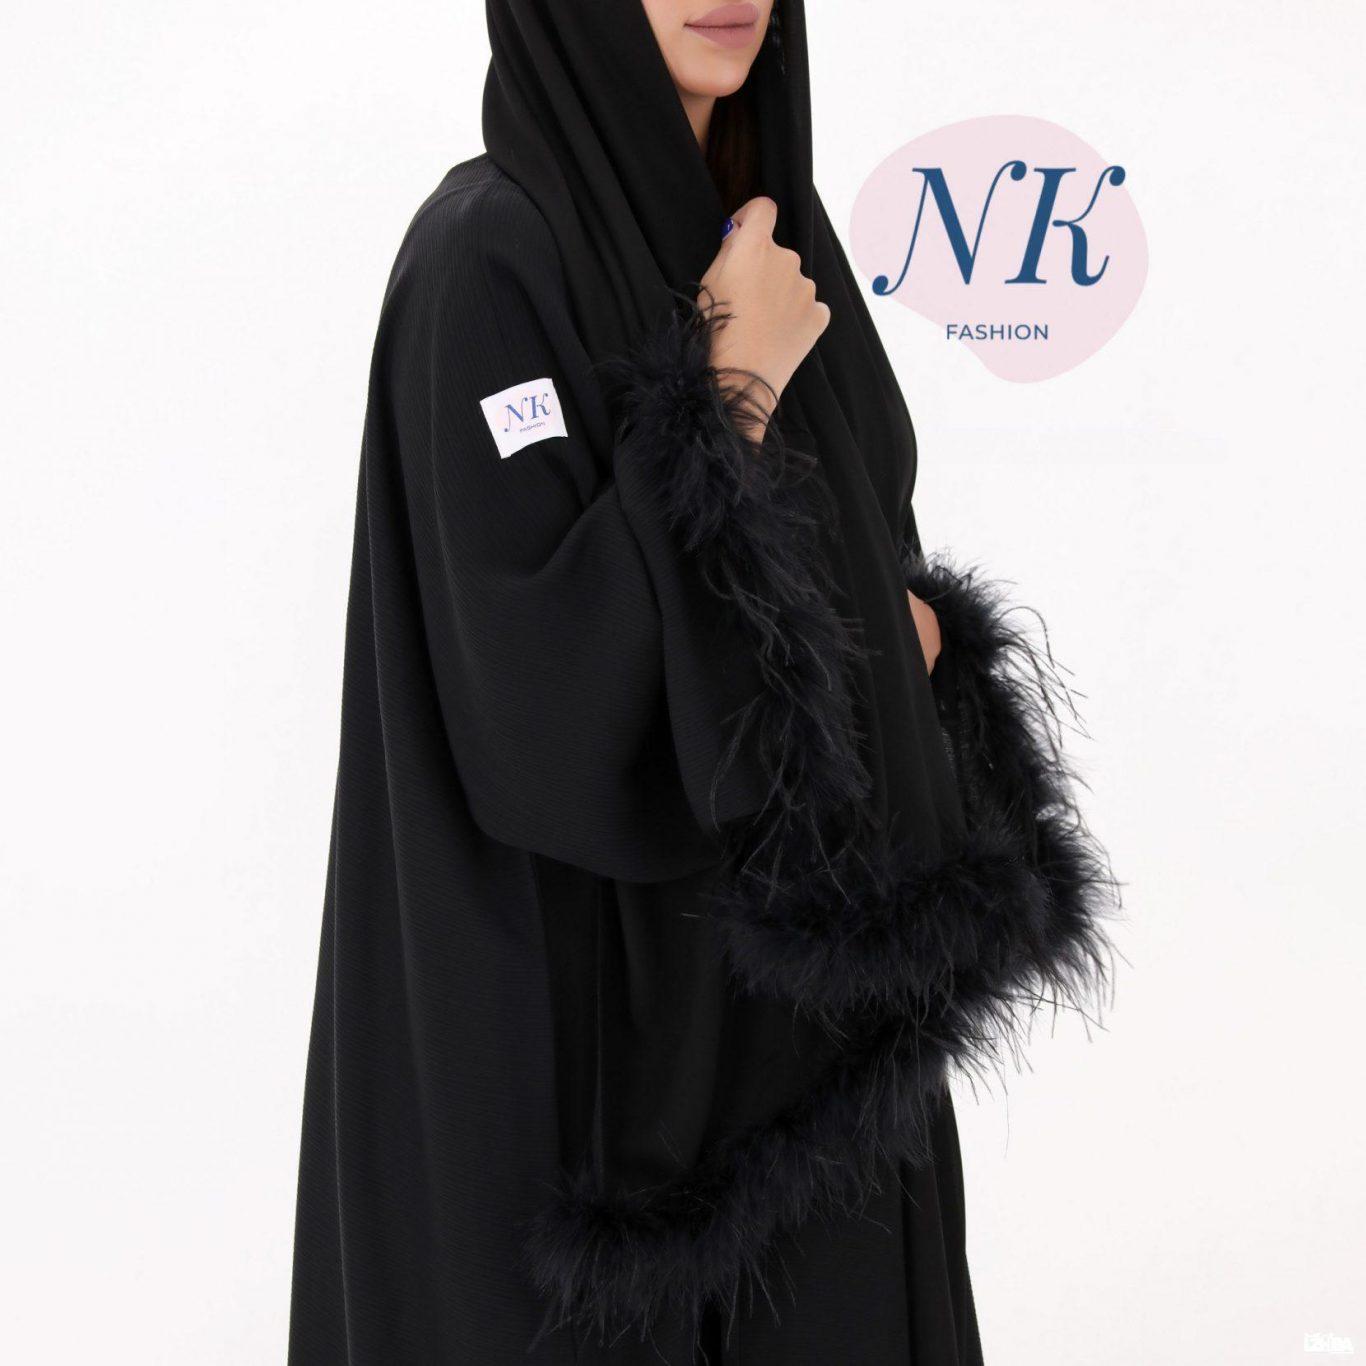 Black & Feathers Abaya